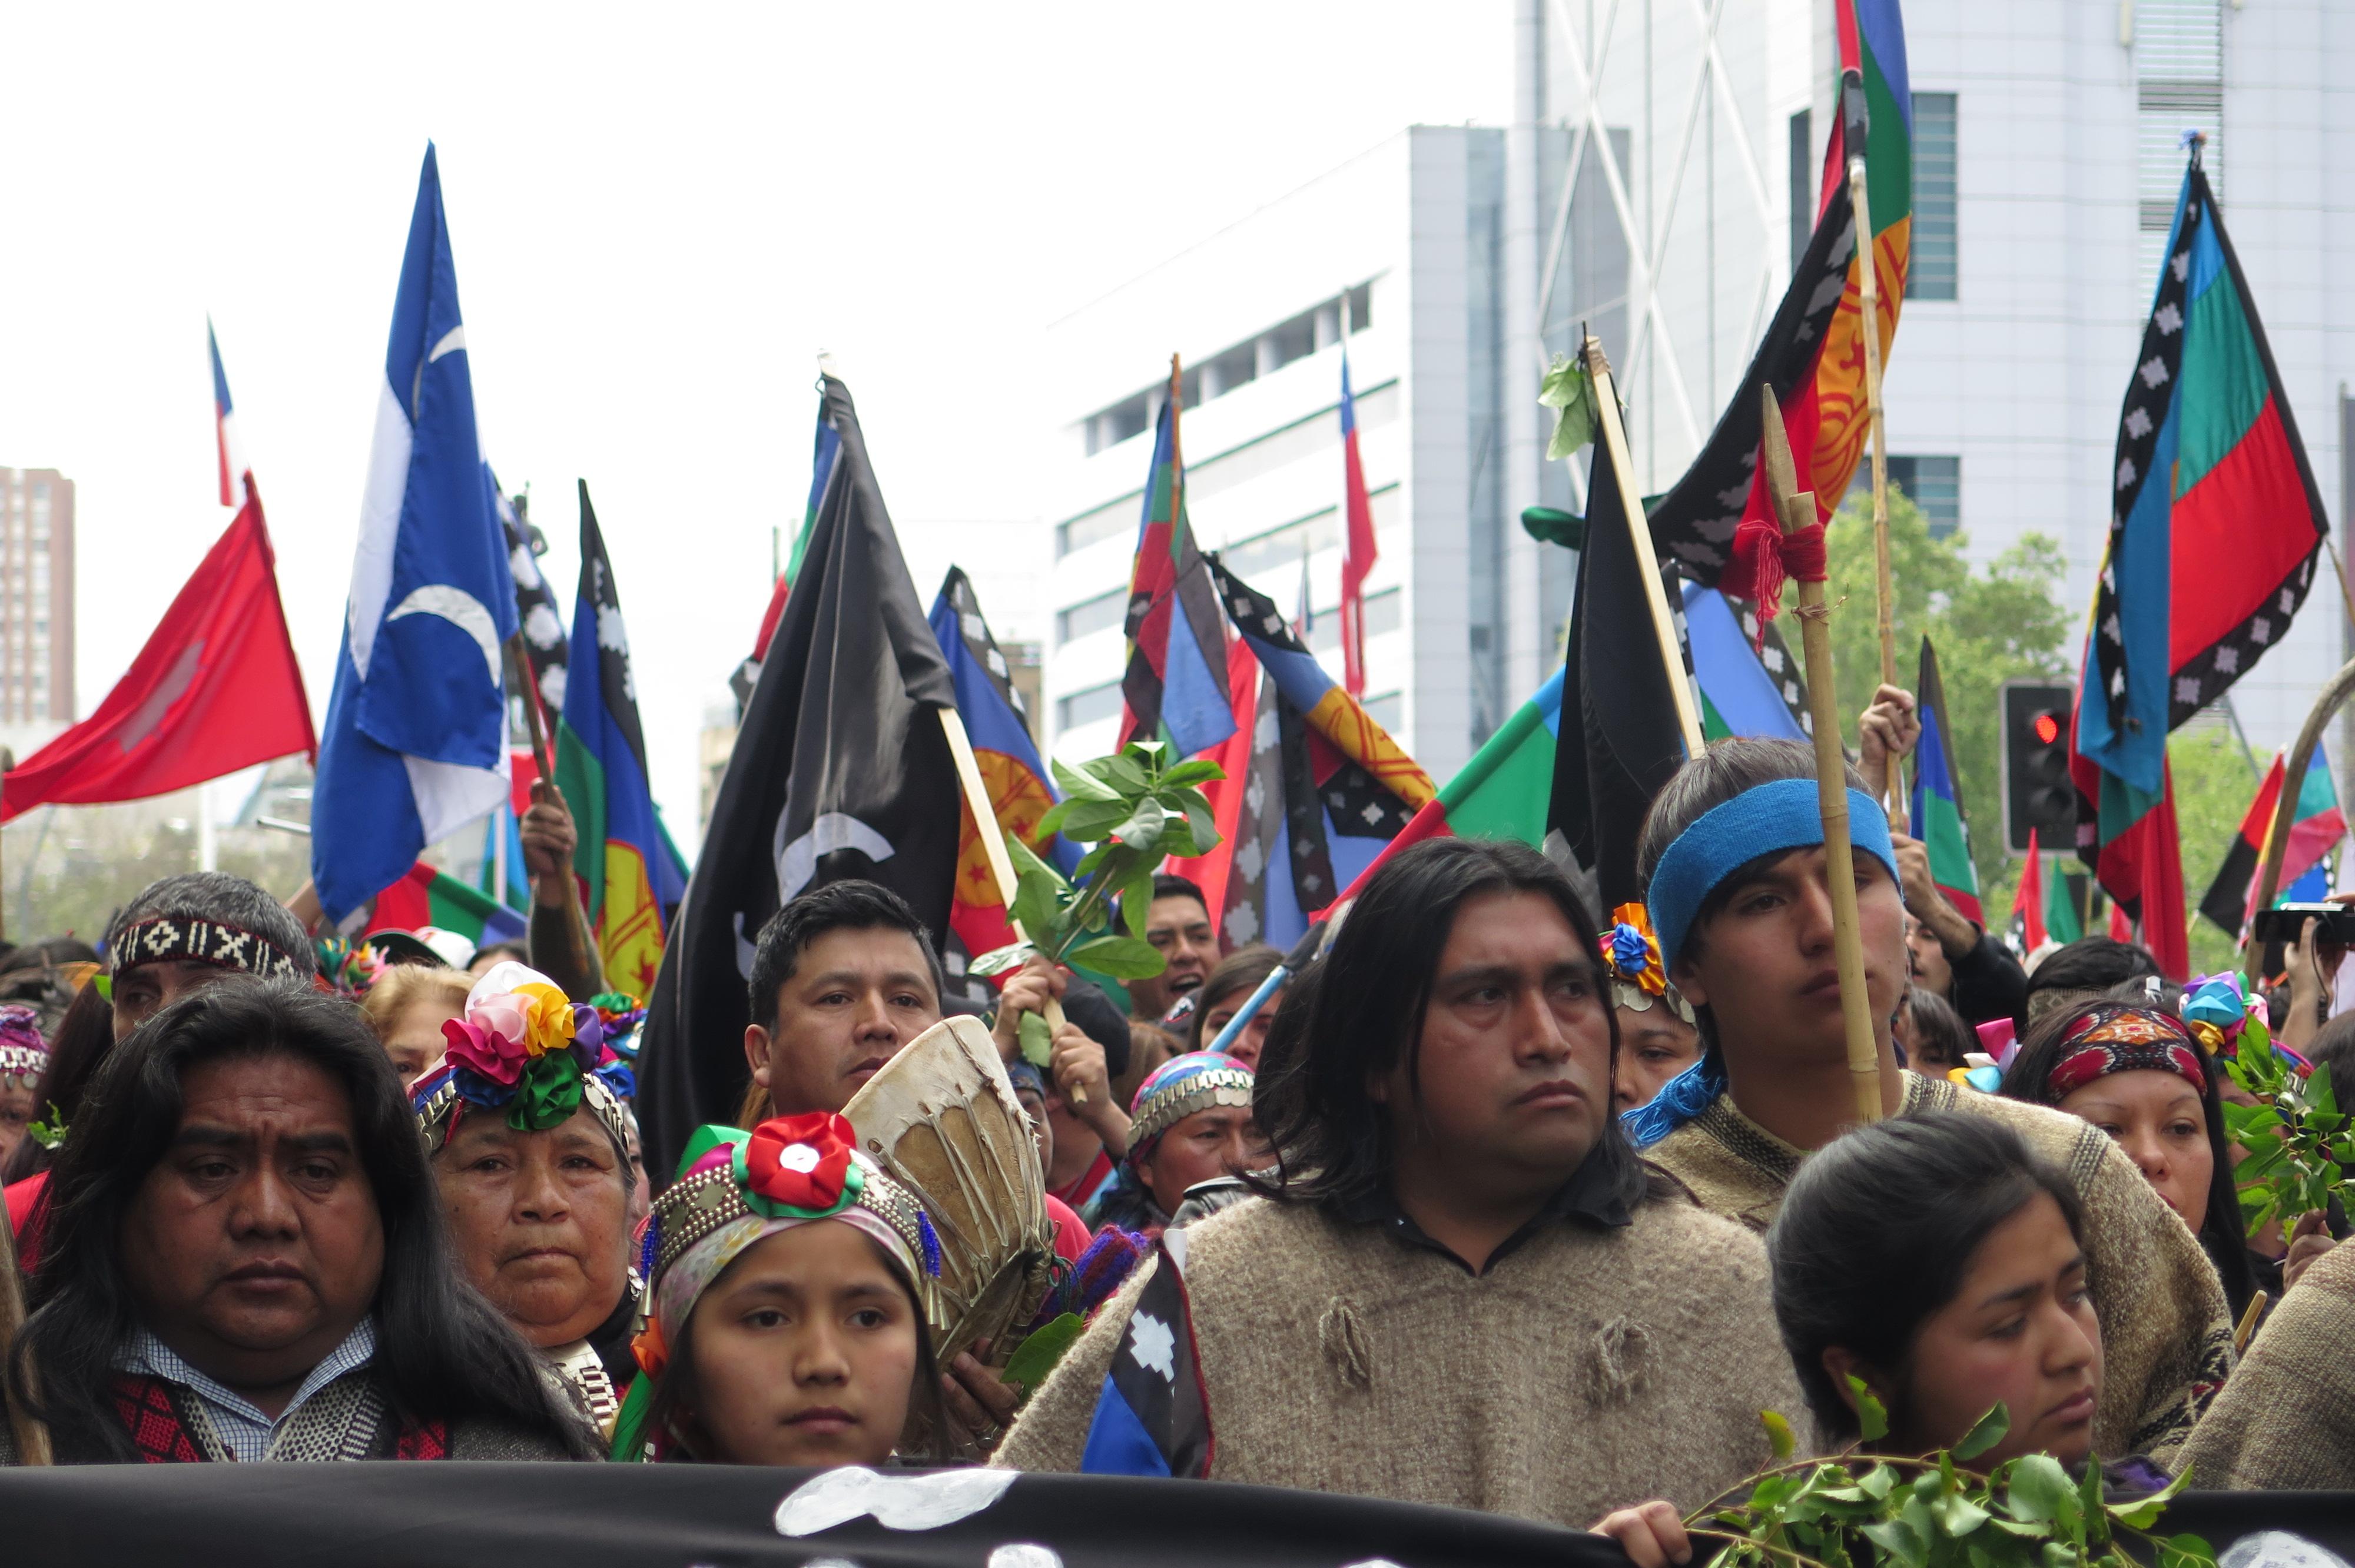 ¿Por qué contra los mapuche?